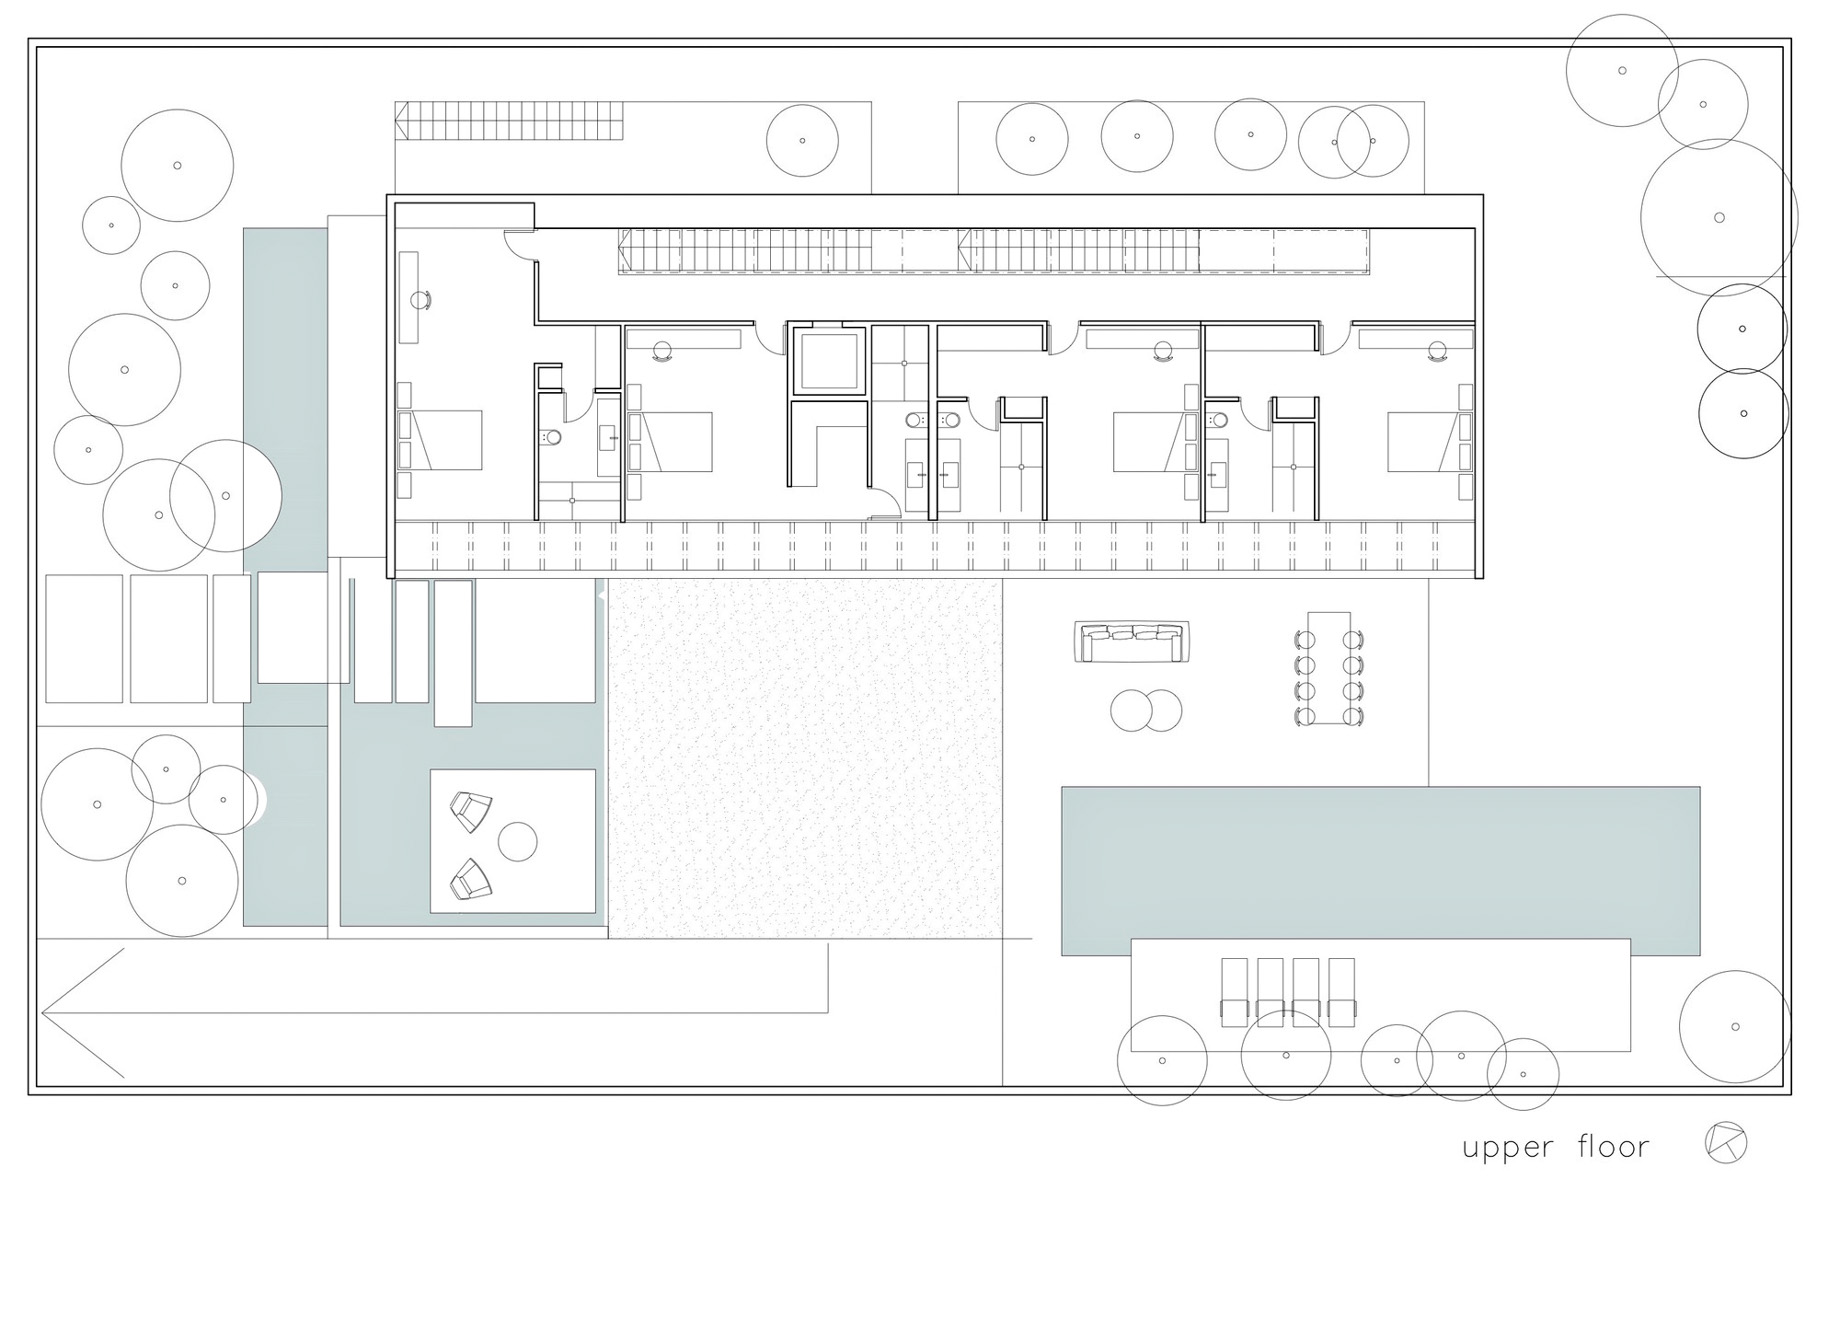 Floor Plan - S House Luxury Residence - Hertsliya, Tel Aviv, Israel